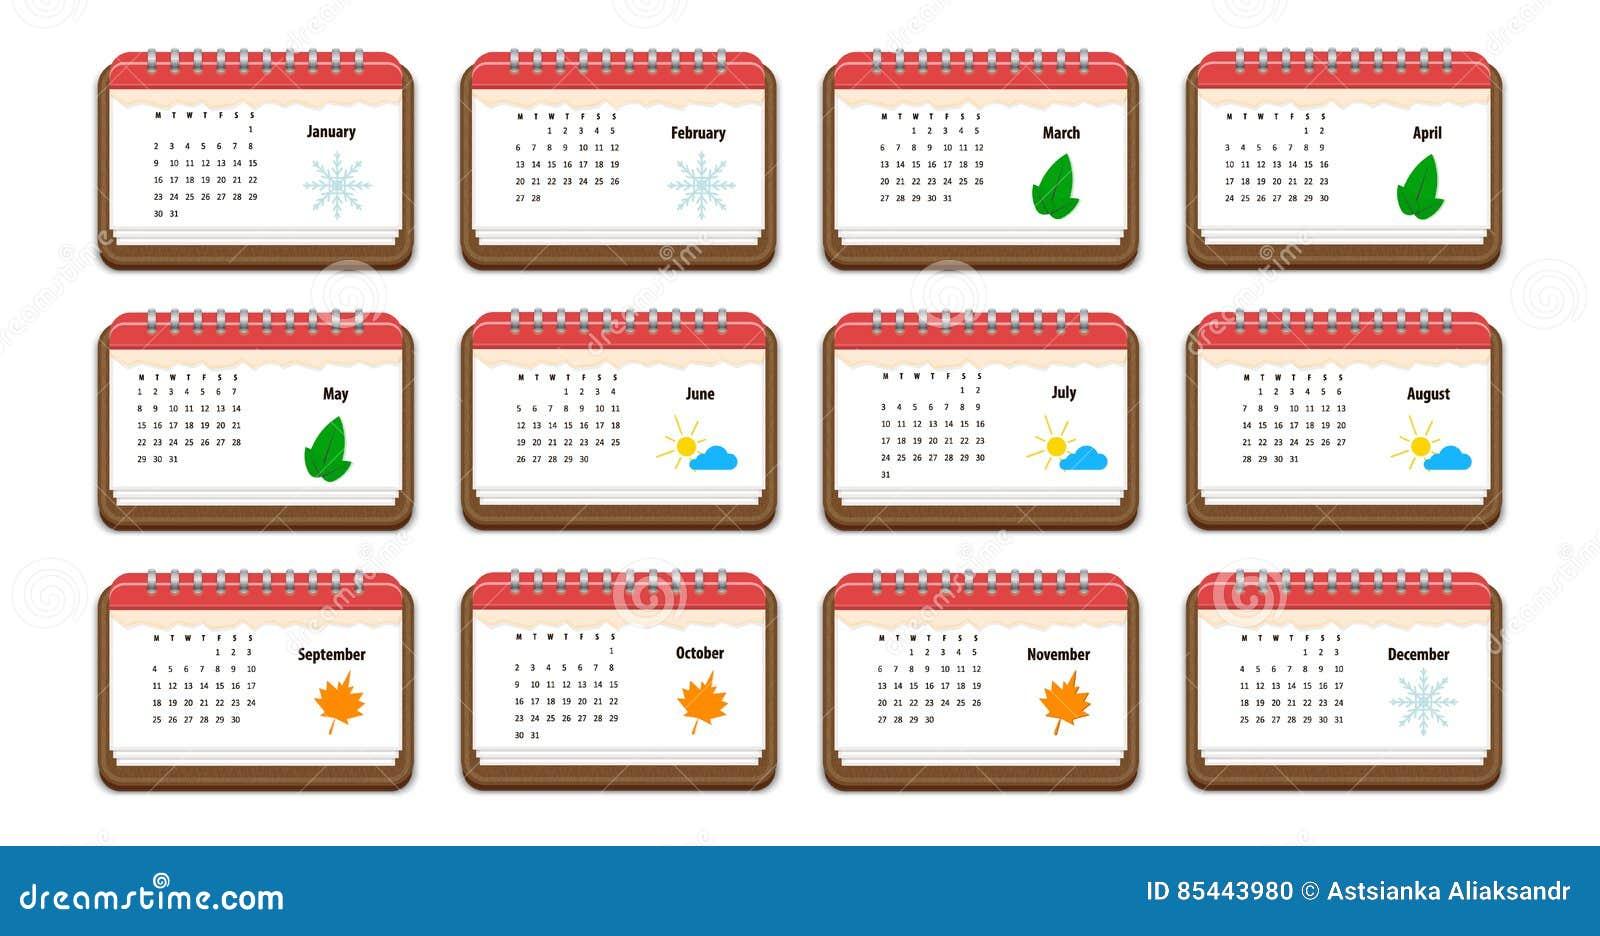 Icono Del Calendario Con El Nombre De Meses De Dias Laborables De